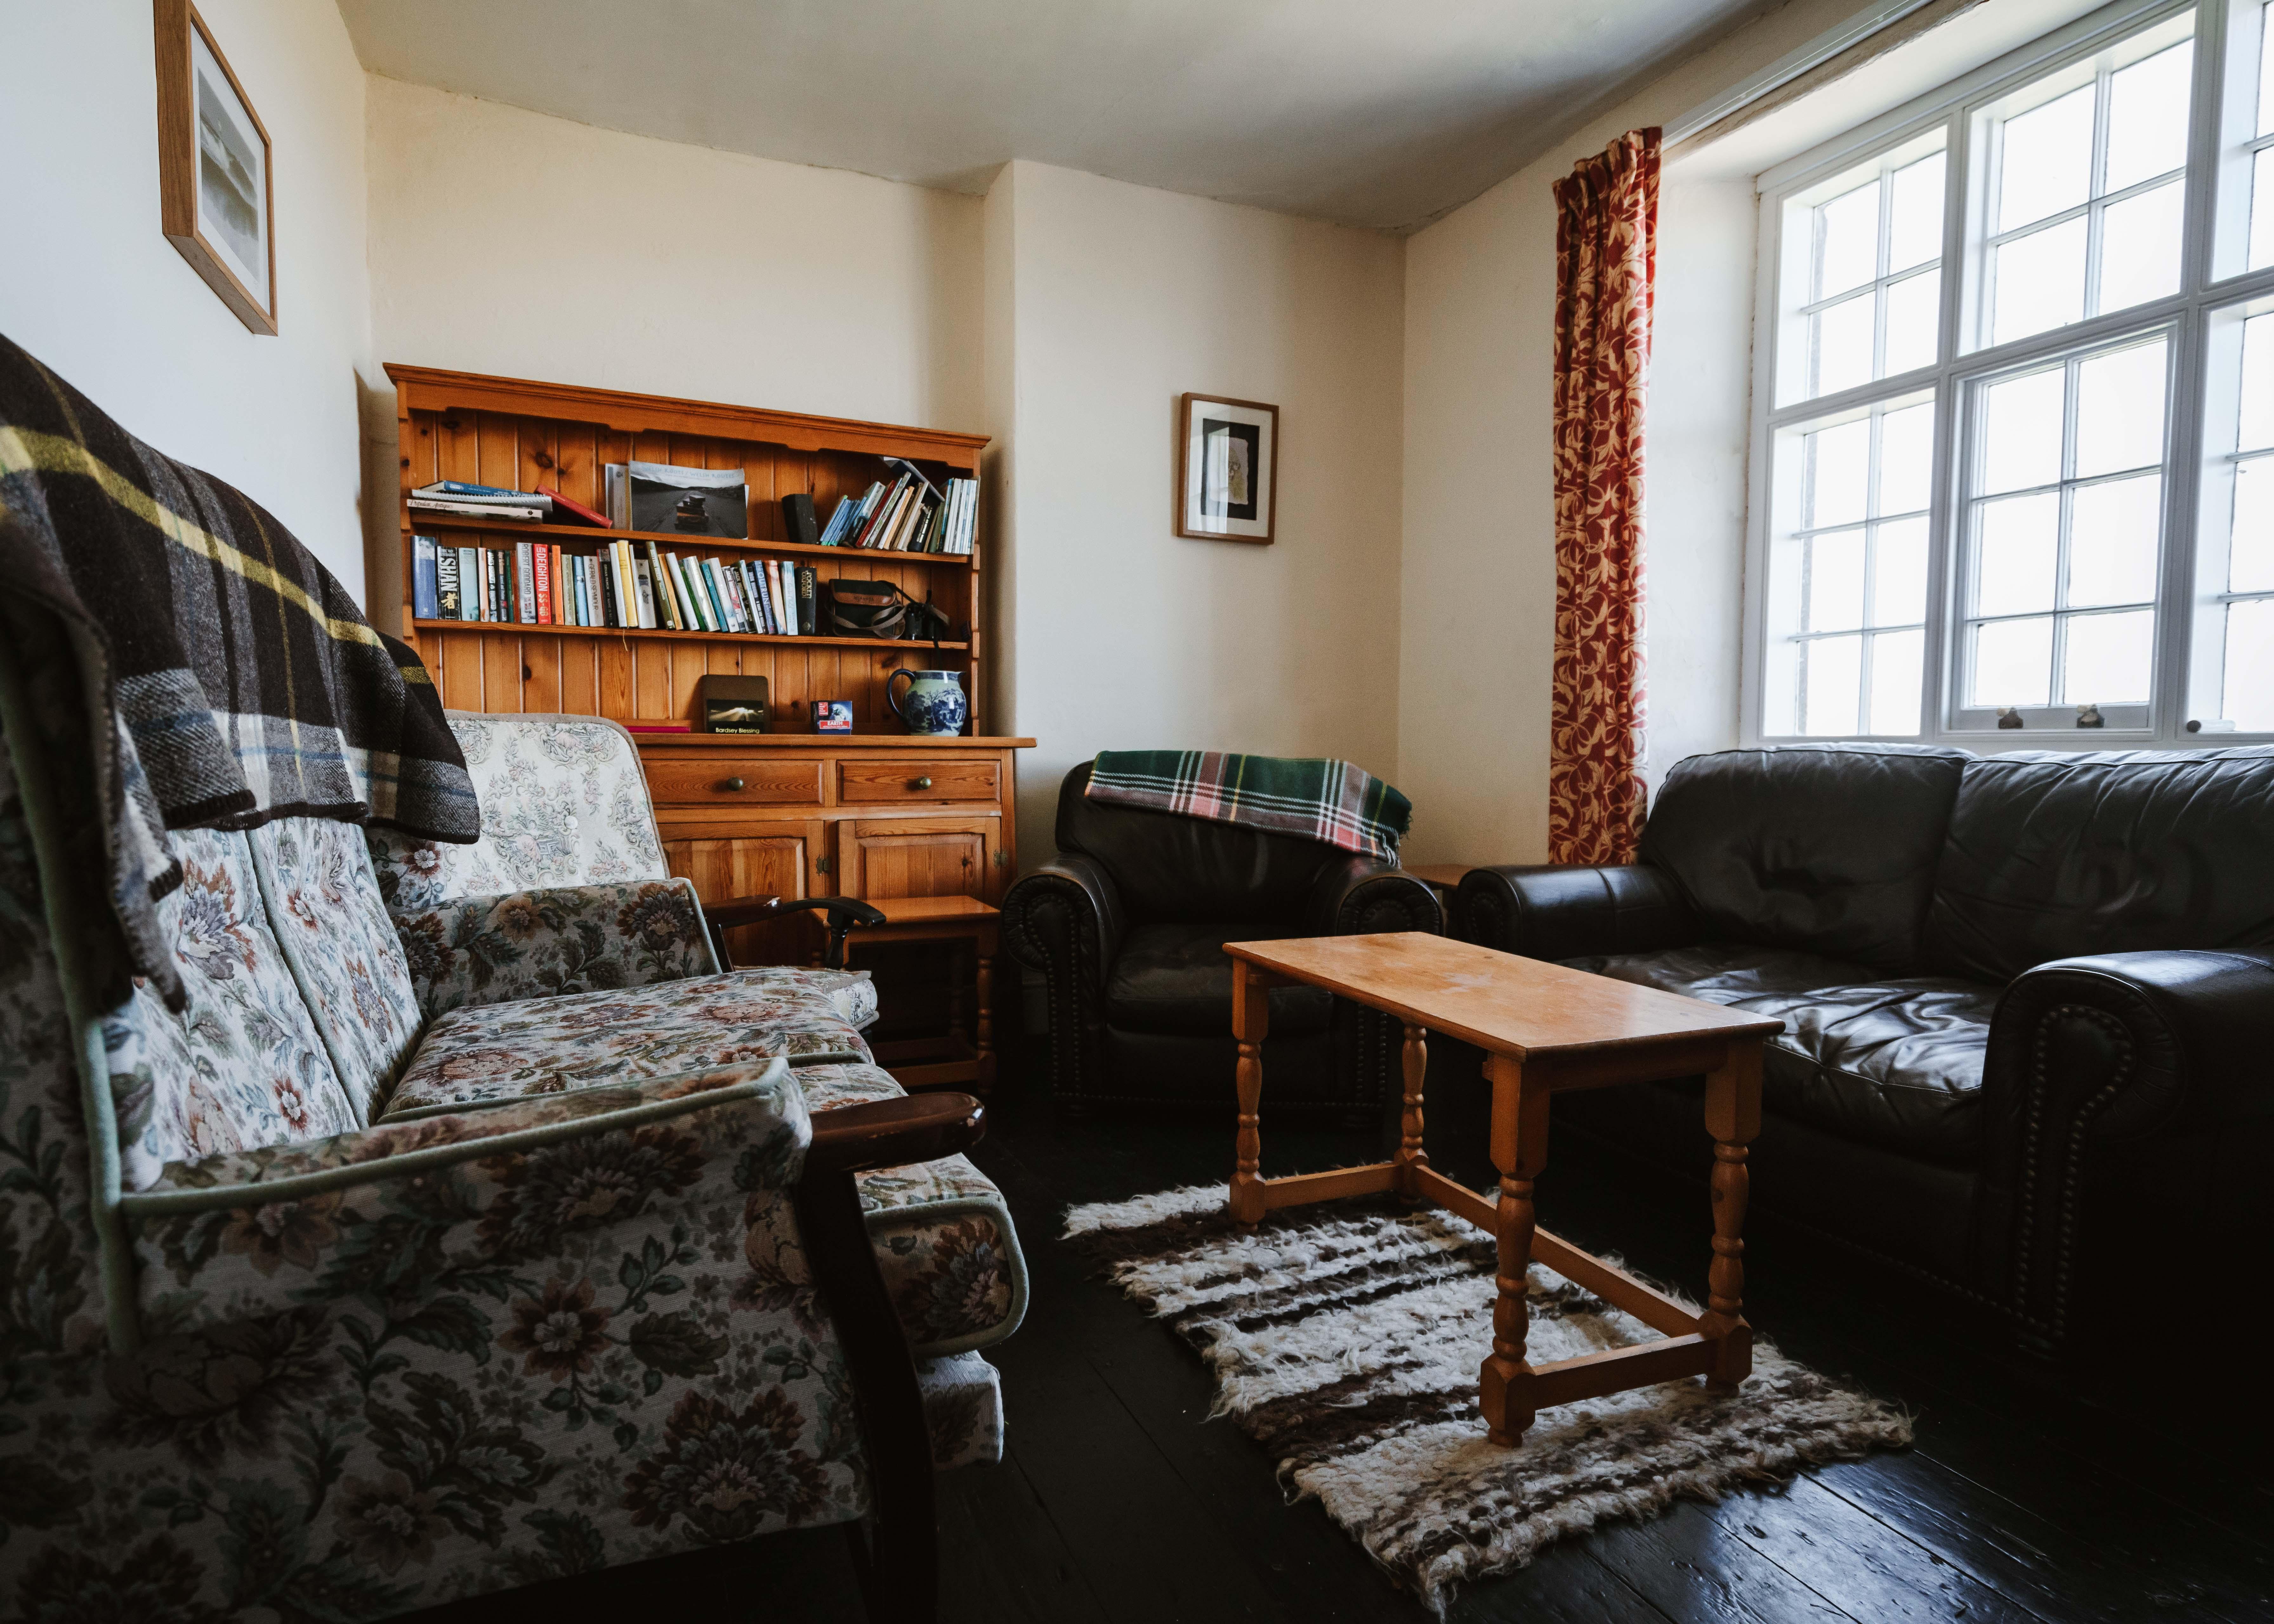 Carreg Fawr (lolfa /lounge)